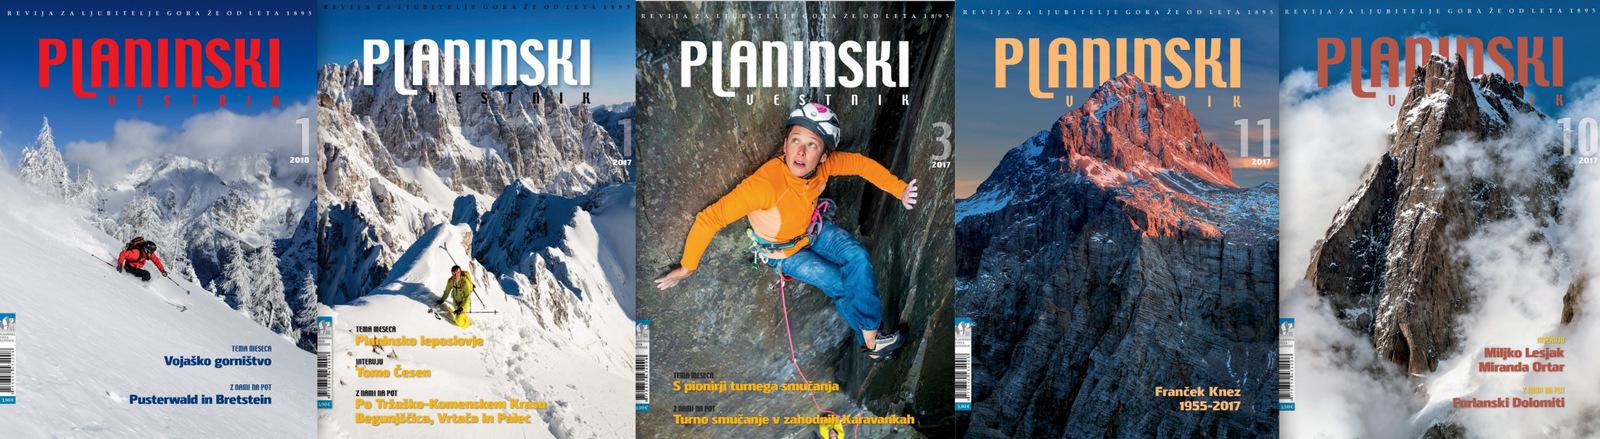 planinski_vestnik_naslovnice